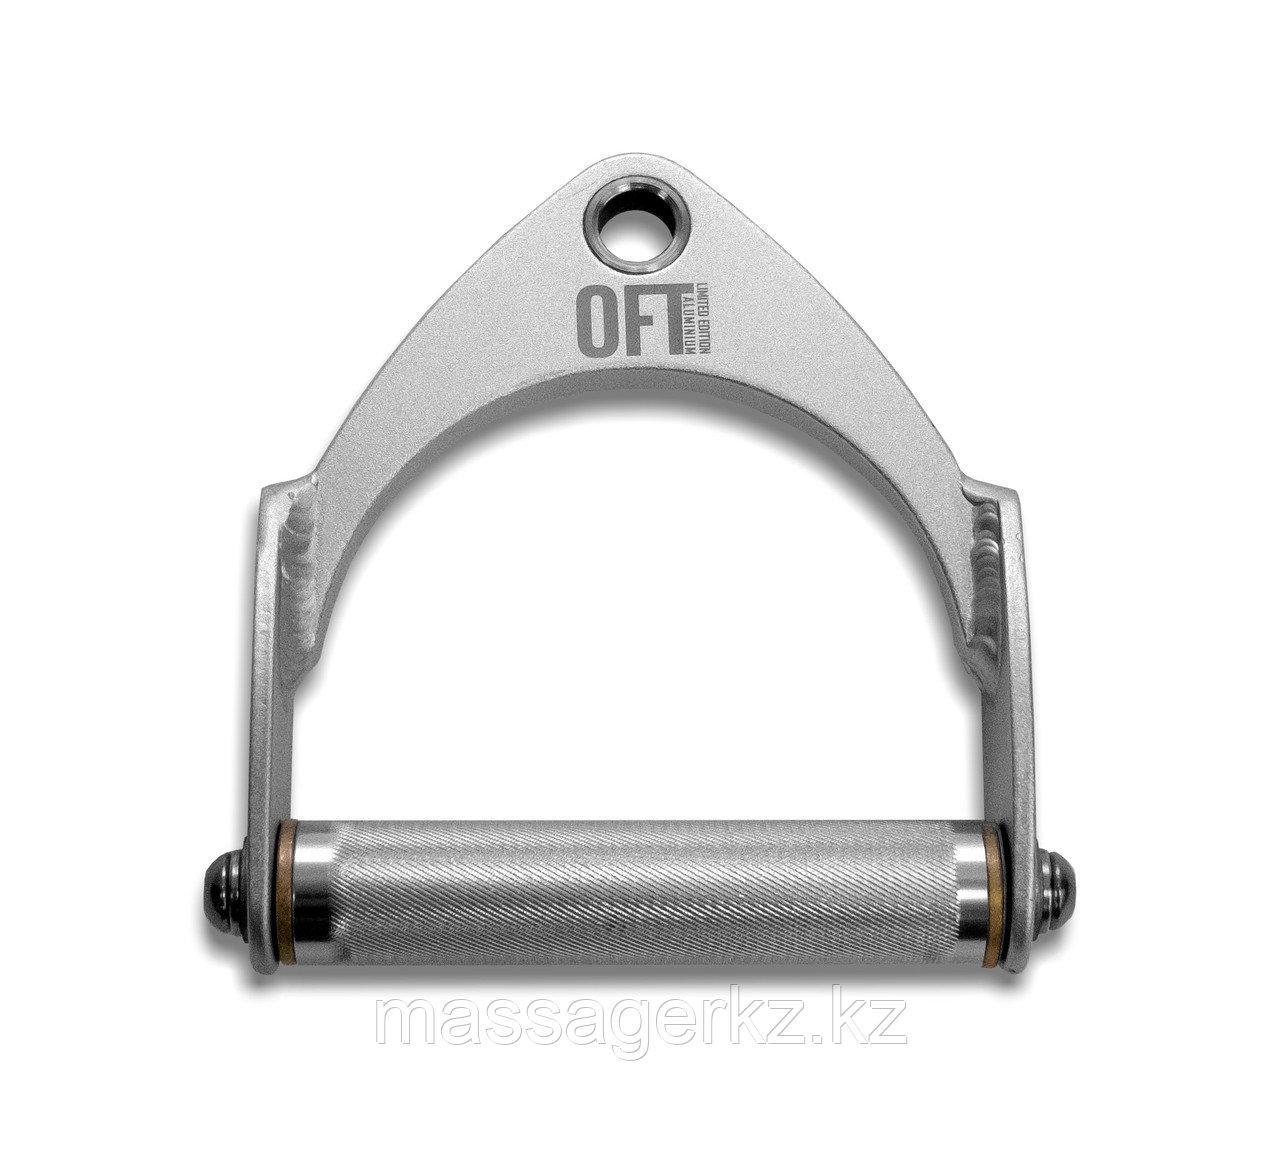 Рукоятка для тяги закрытая алюминиевая - фото 1